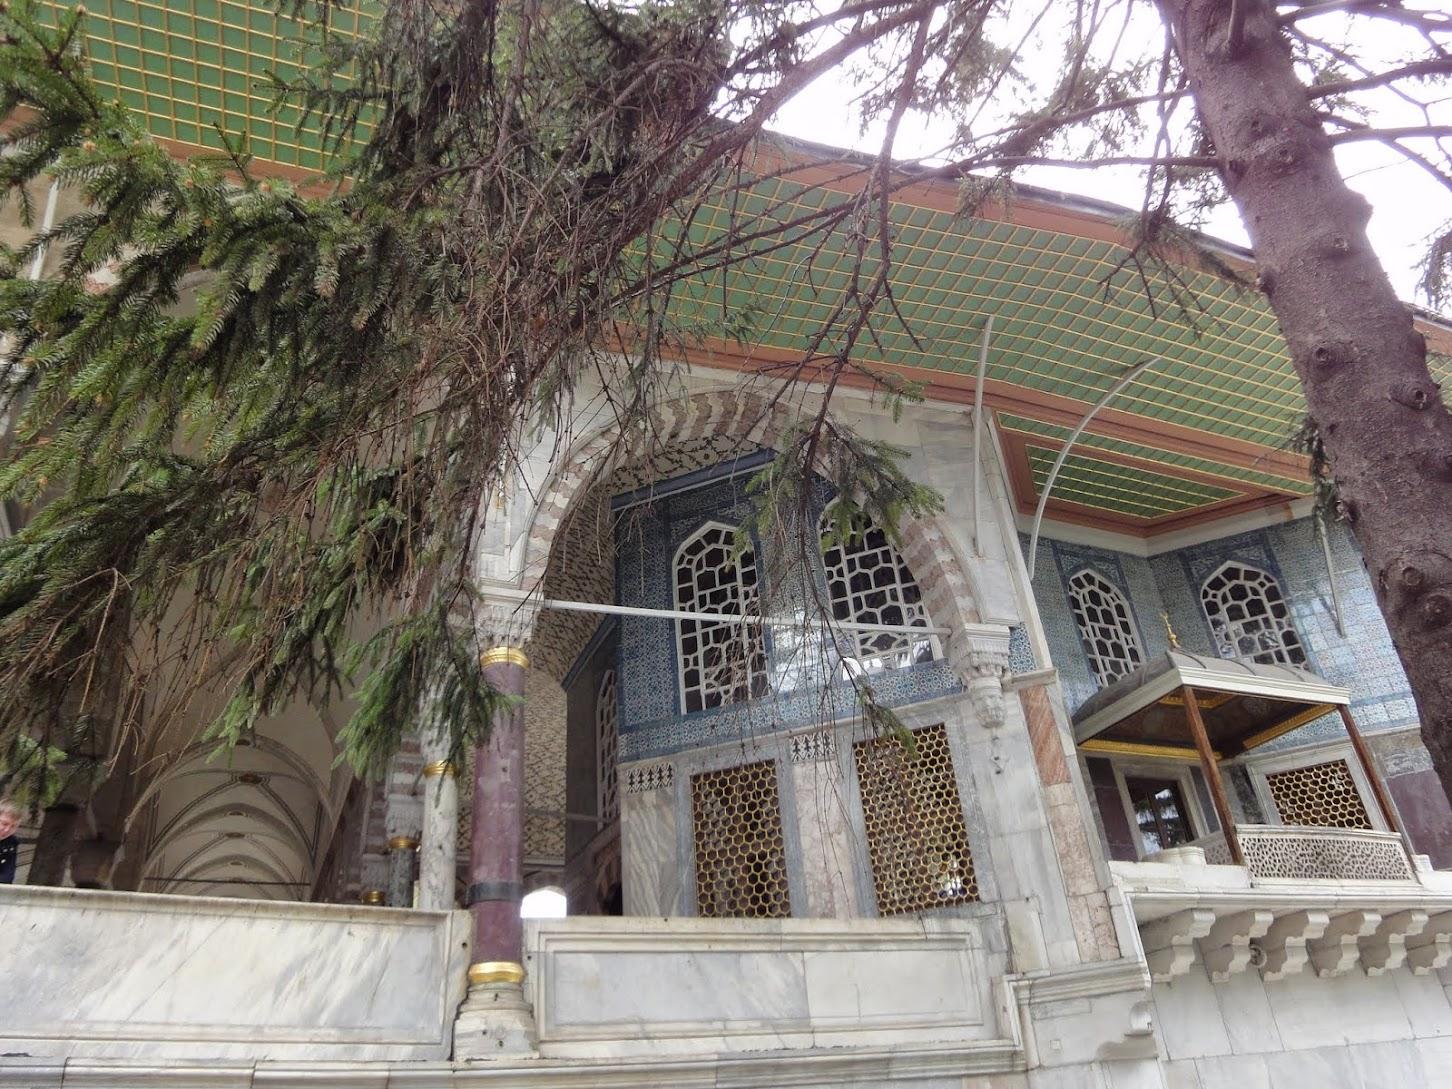 kiosque de Mustapha Pacha au Palais de Topkapi